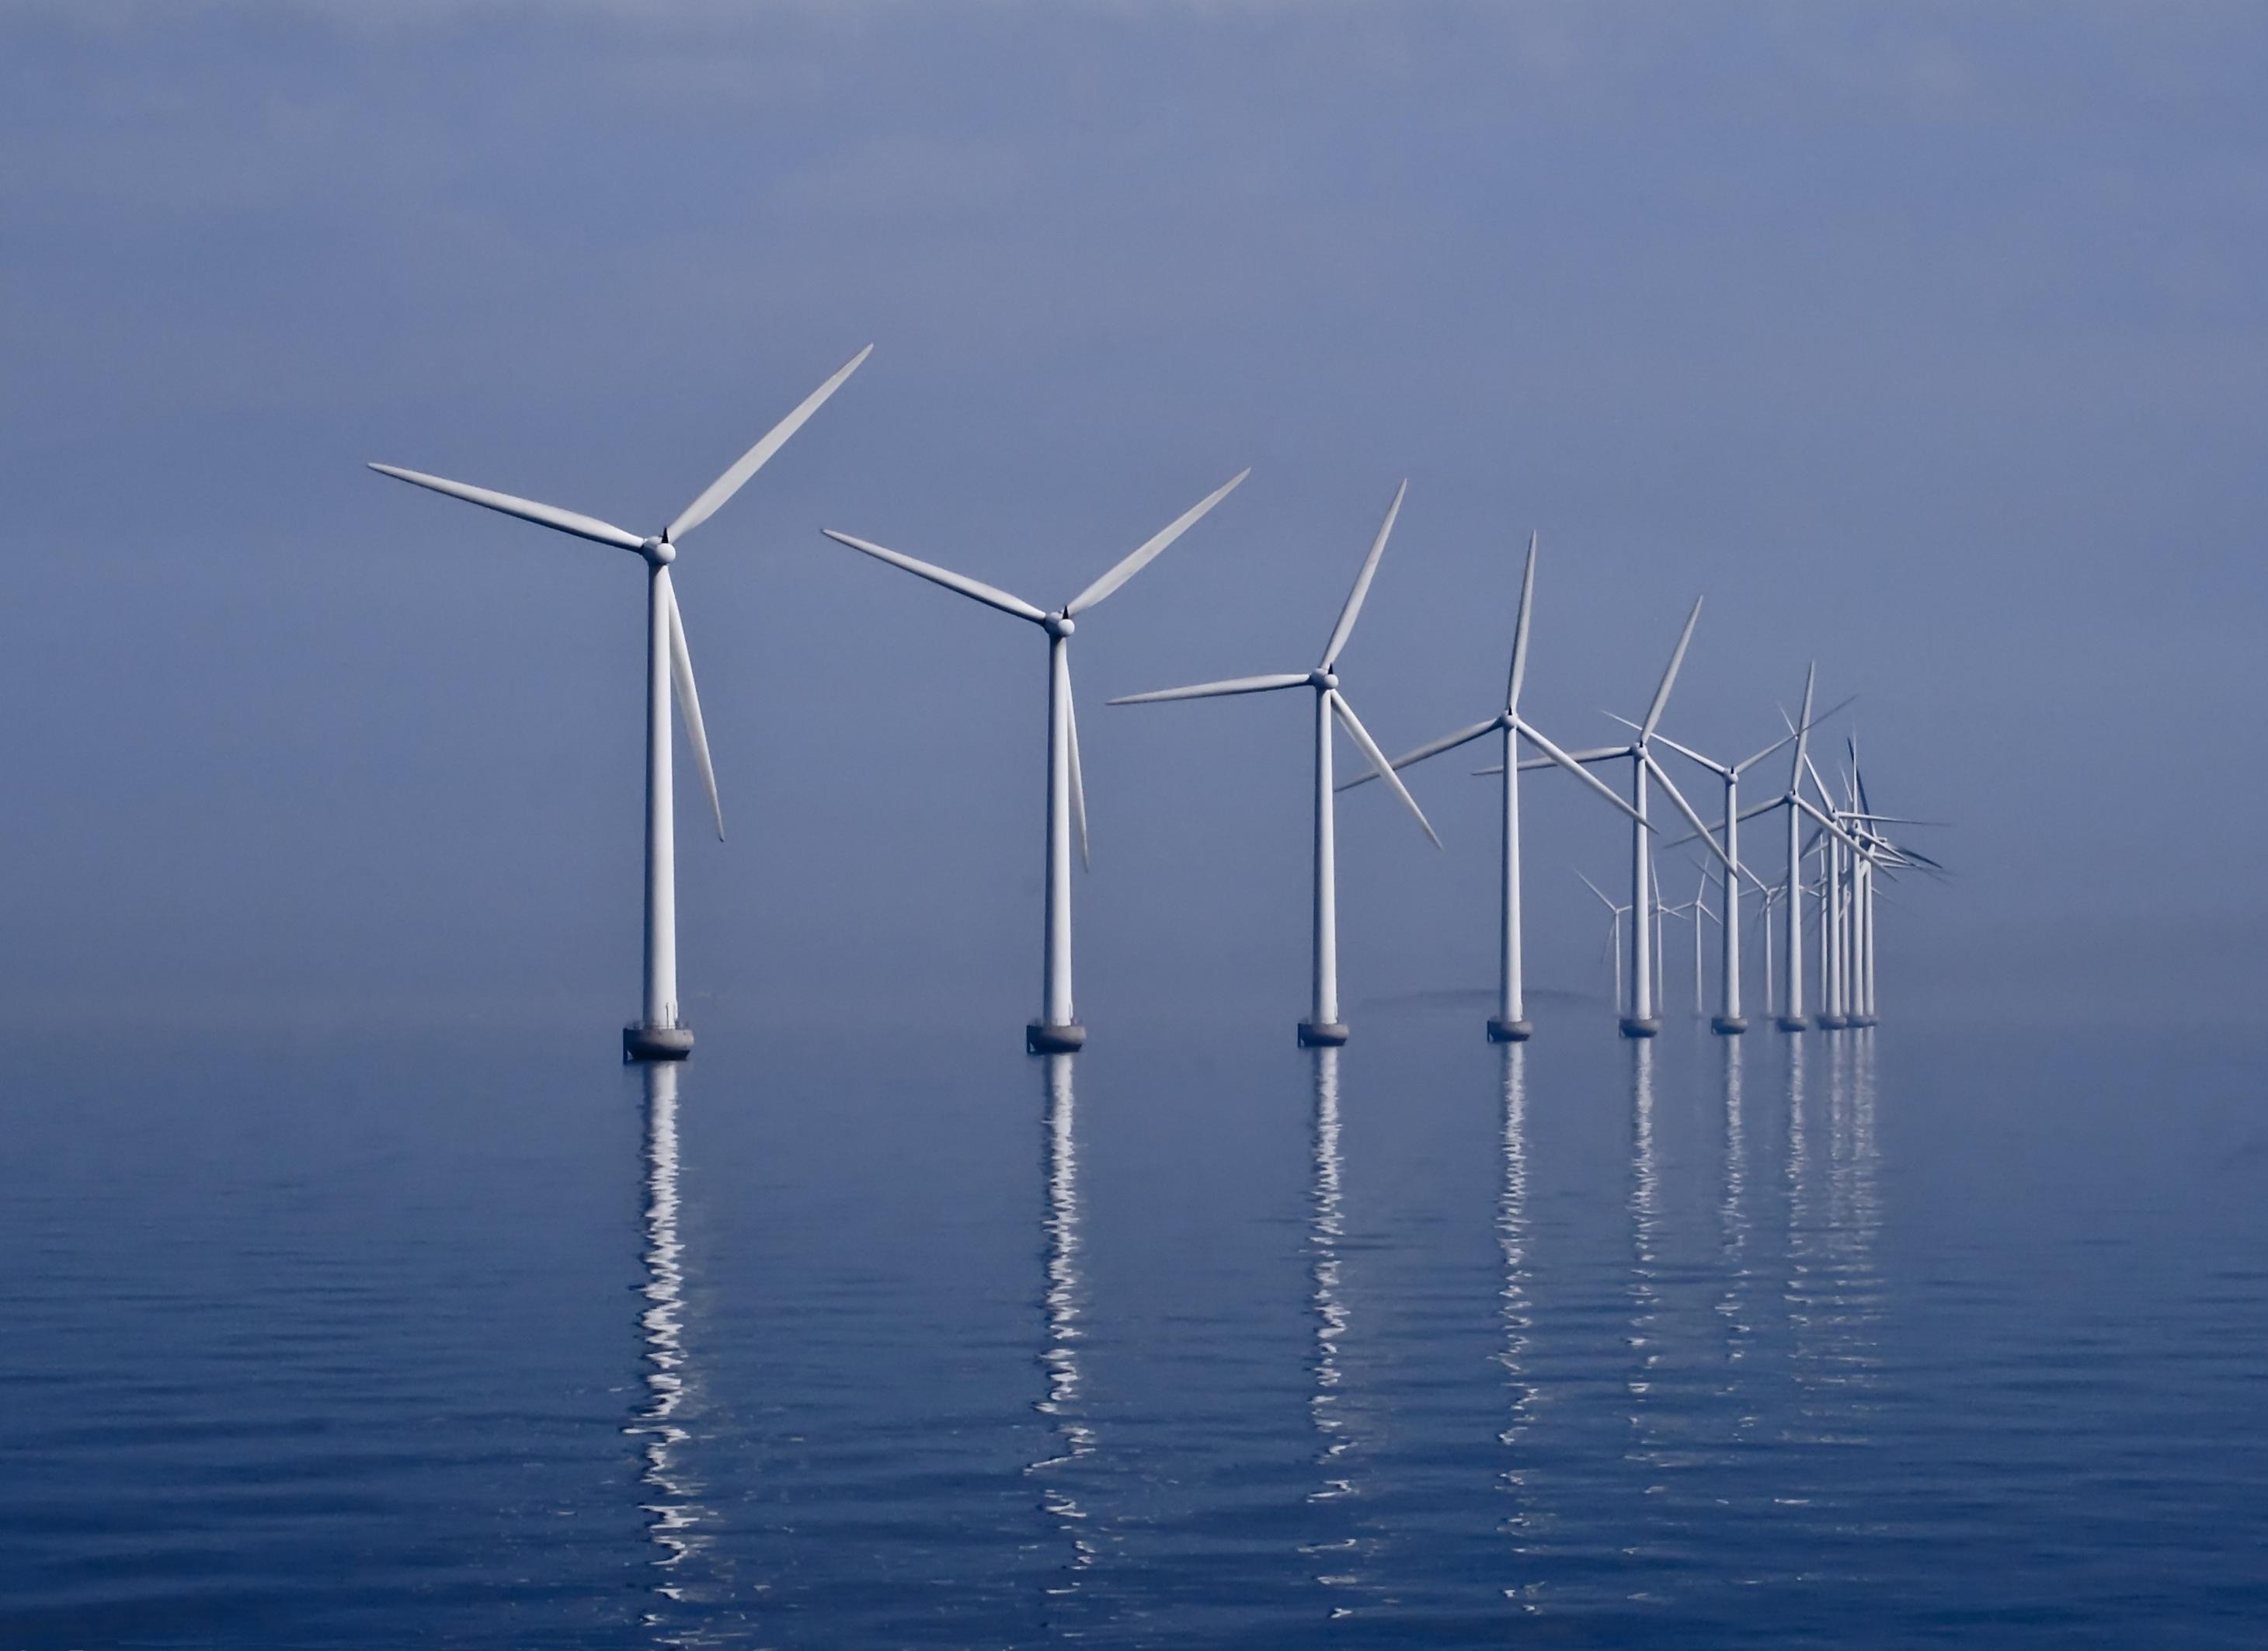 middelgrunden wind farm 2009-07-01 edit filtered.jpg